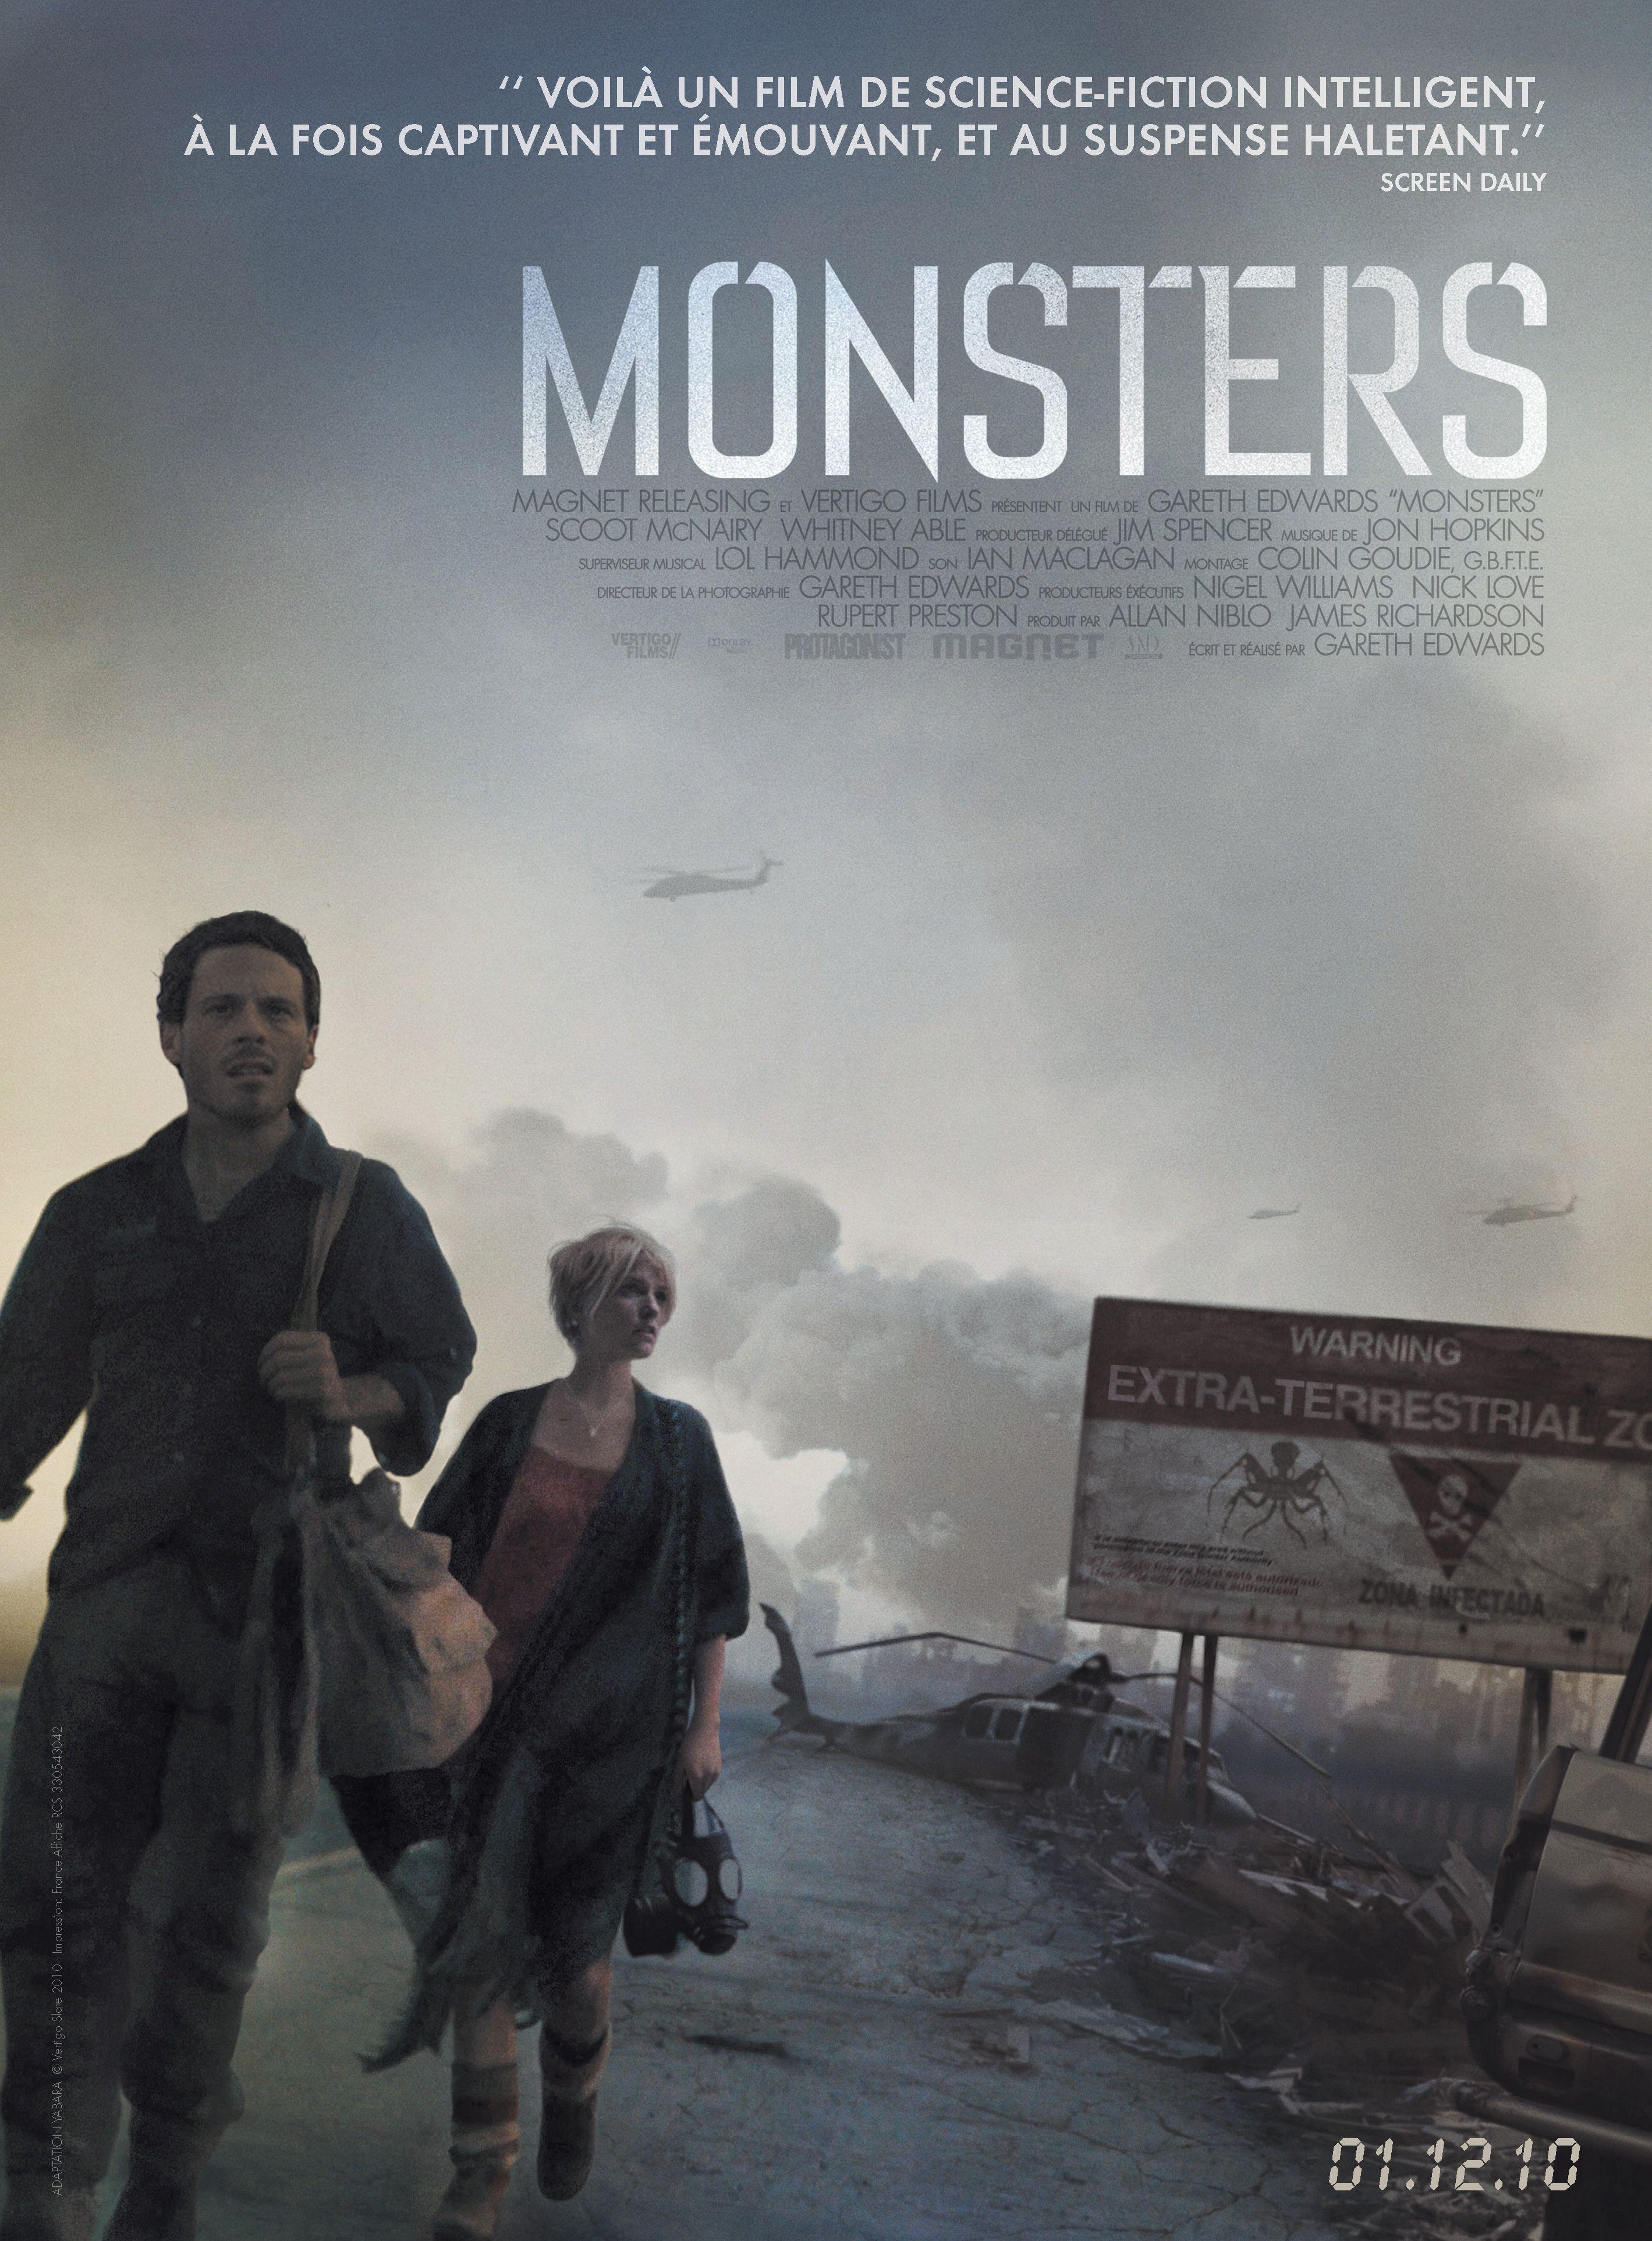 Monsters - Film (2010)